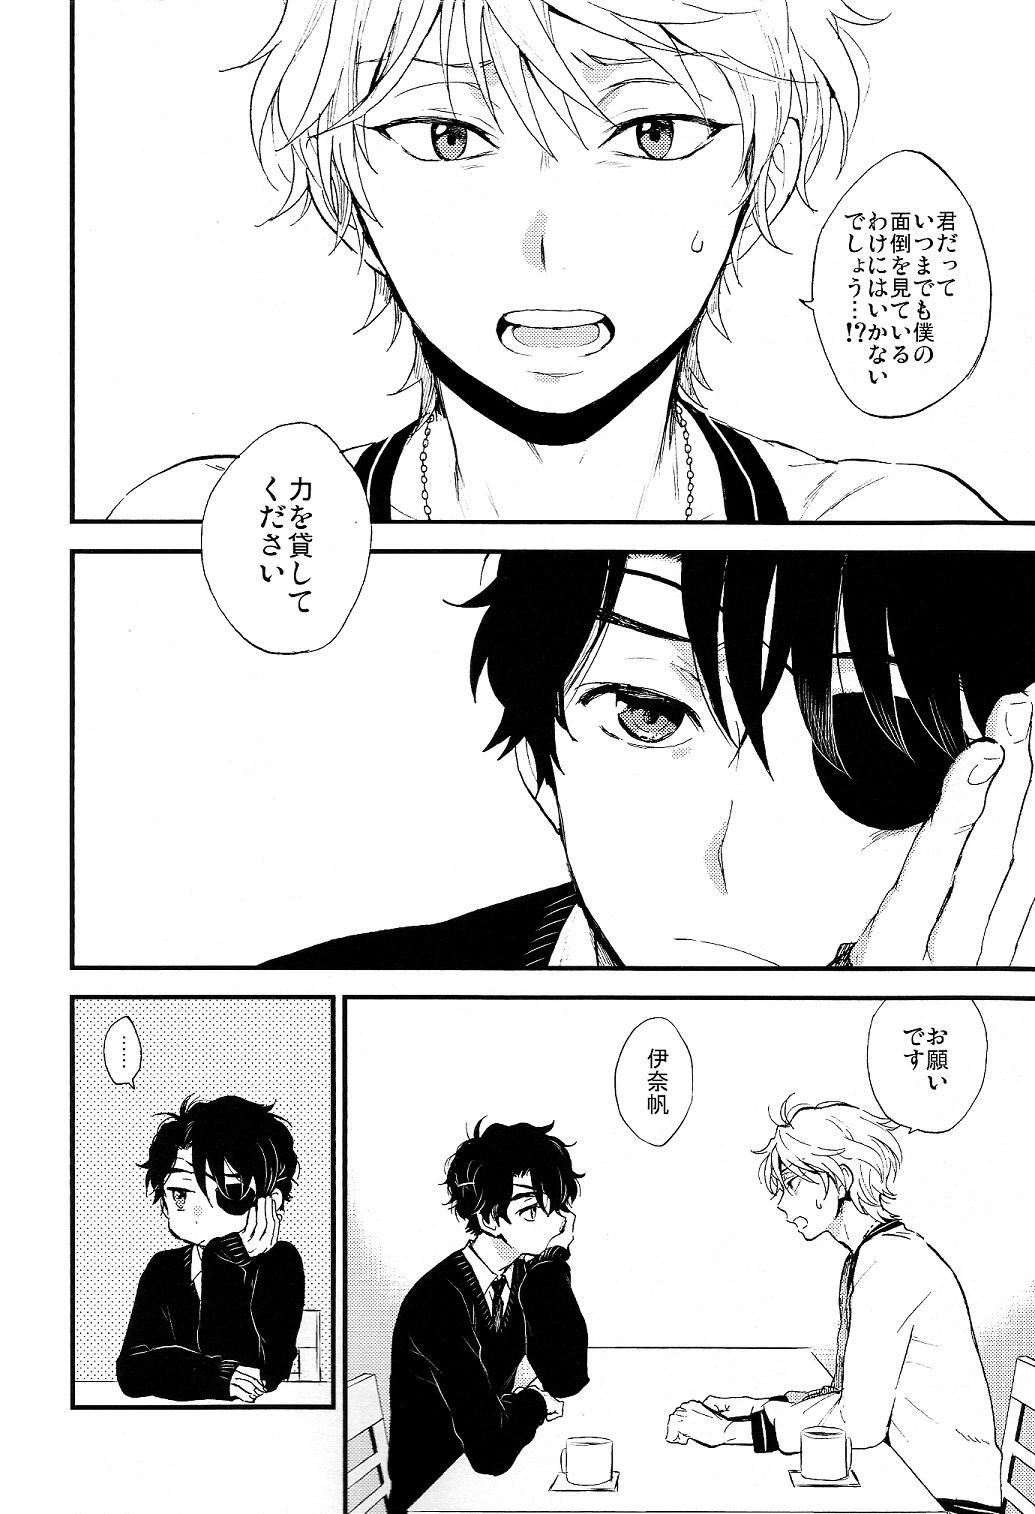 Hakoniwa Life 5